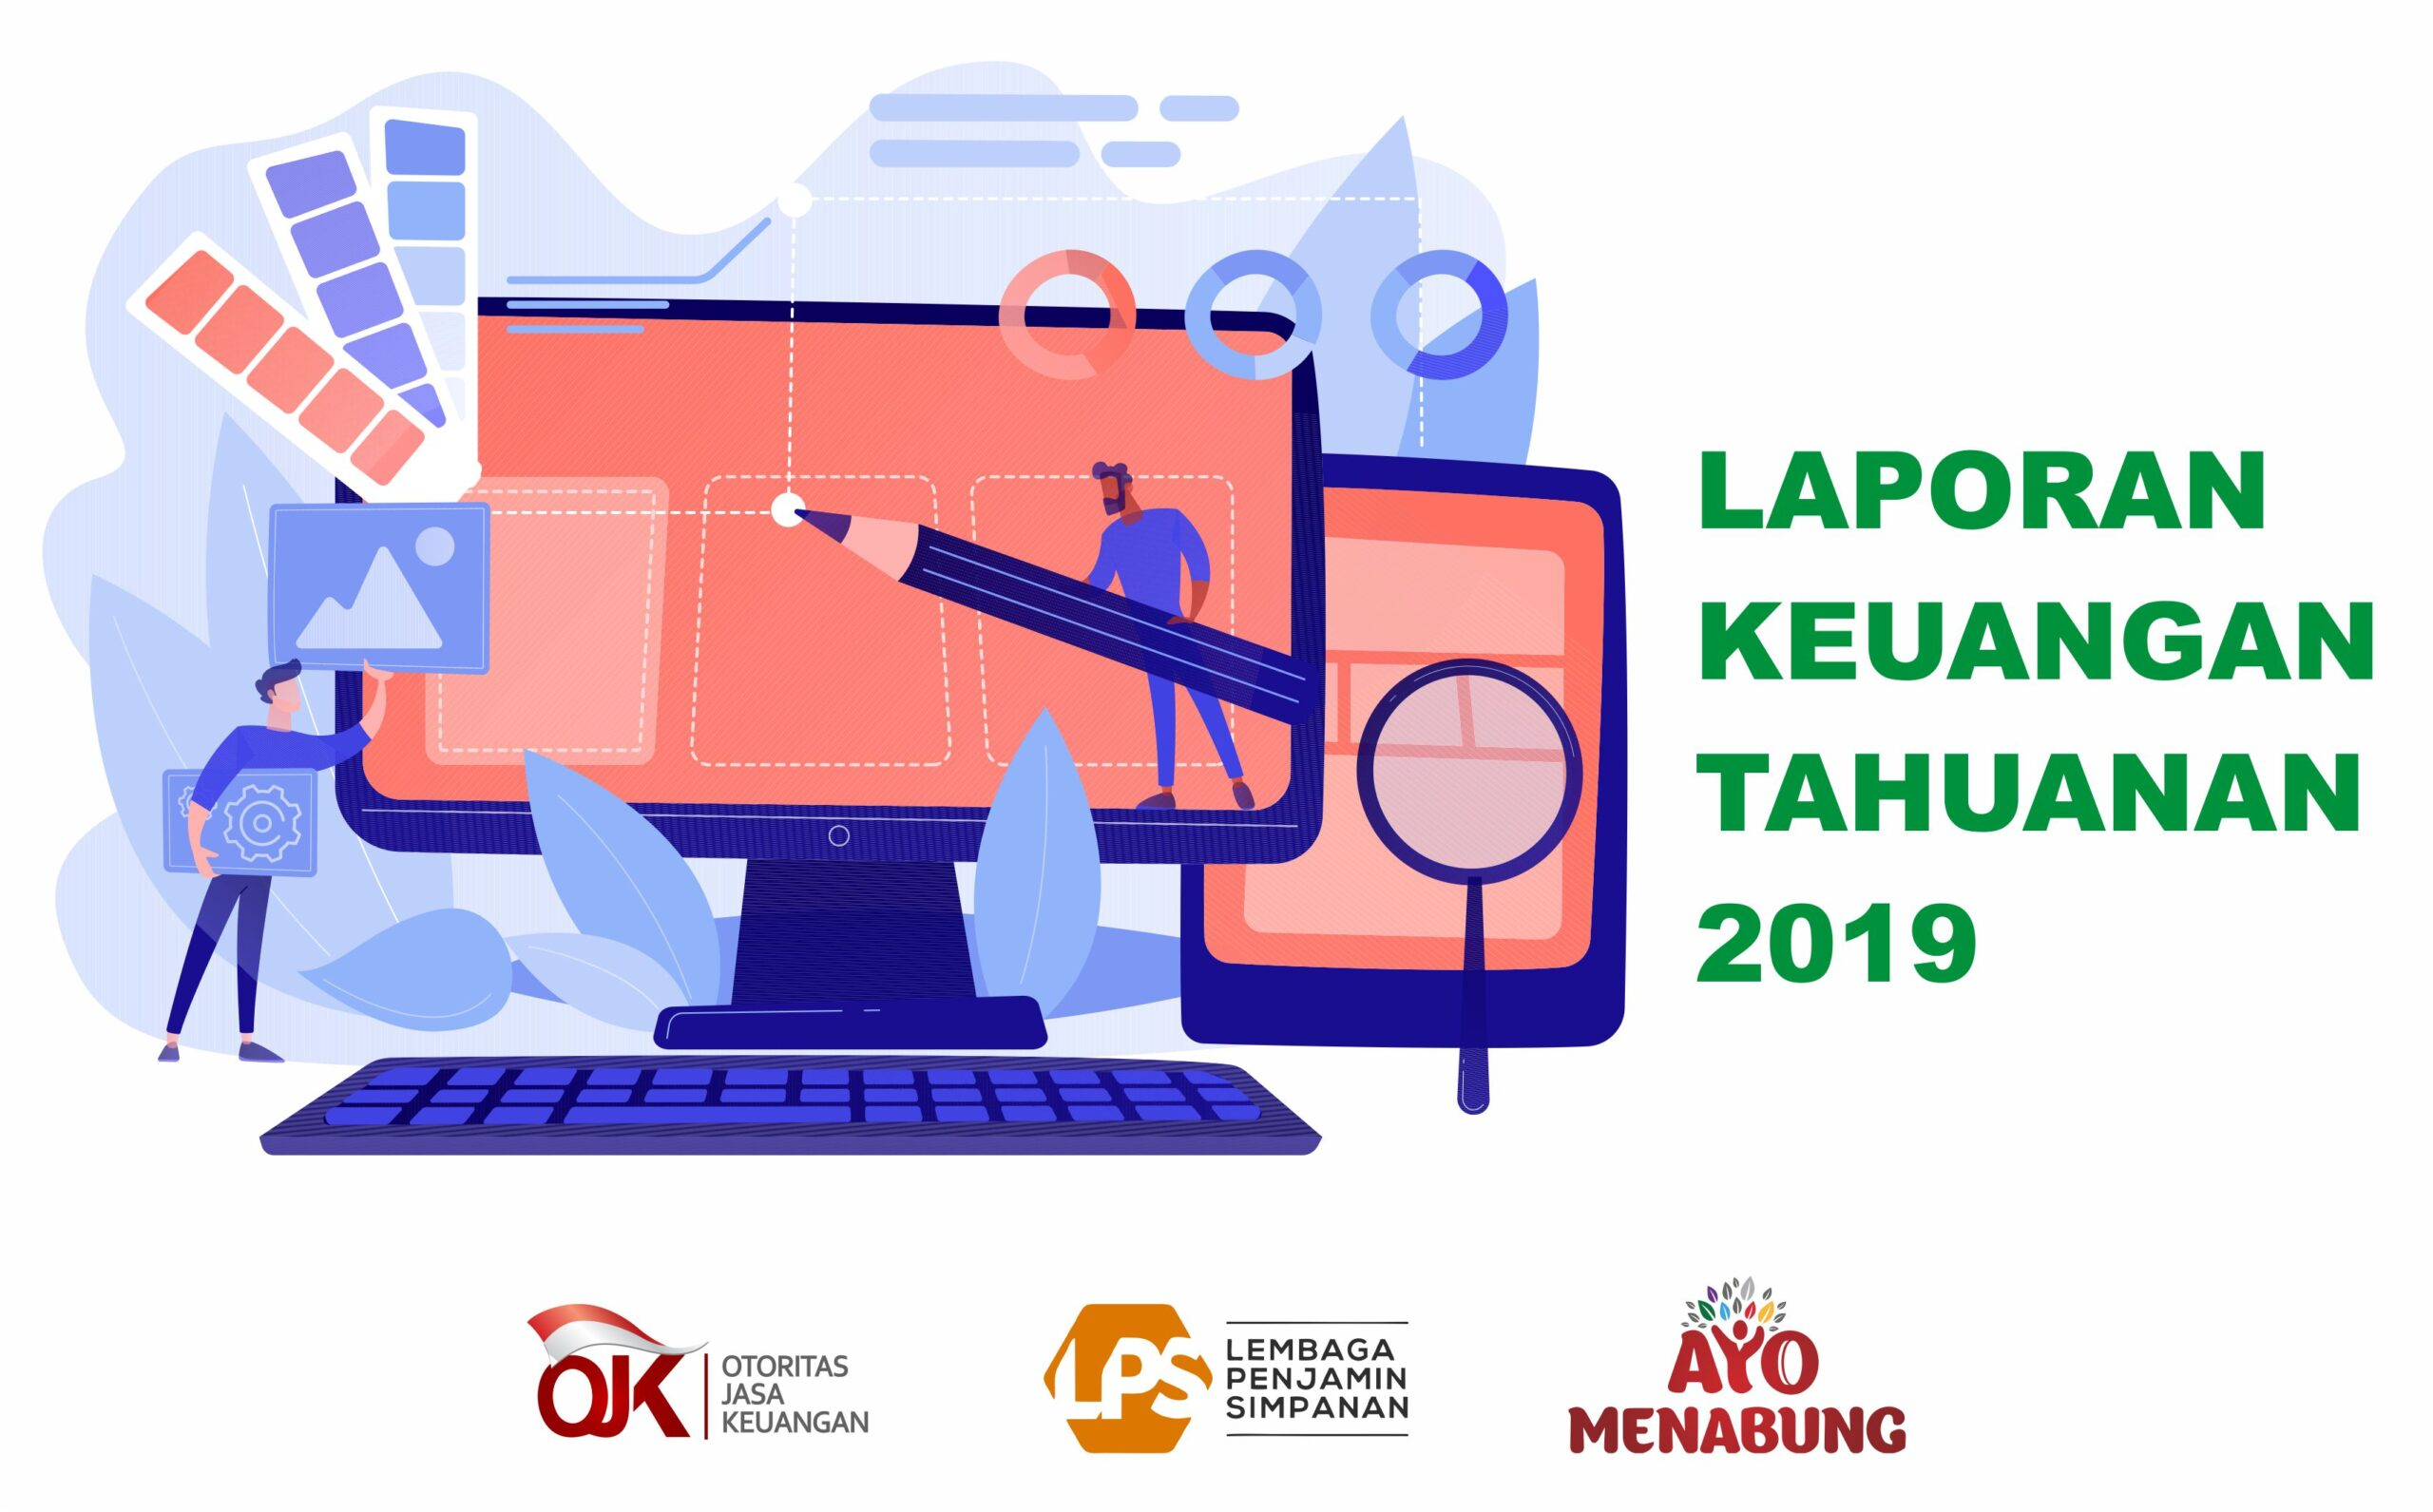 Lap thn 2019